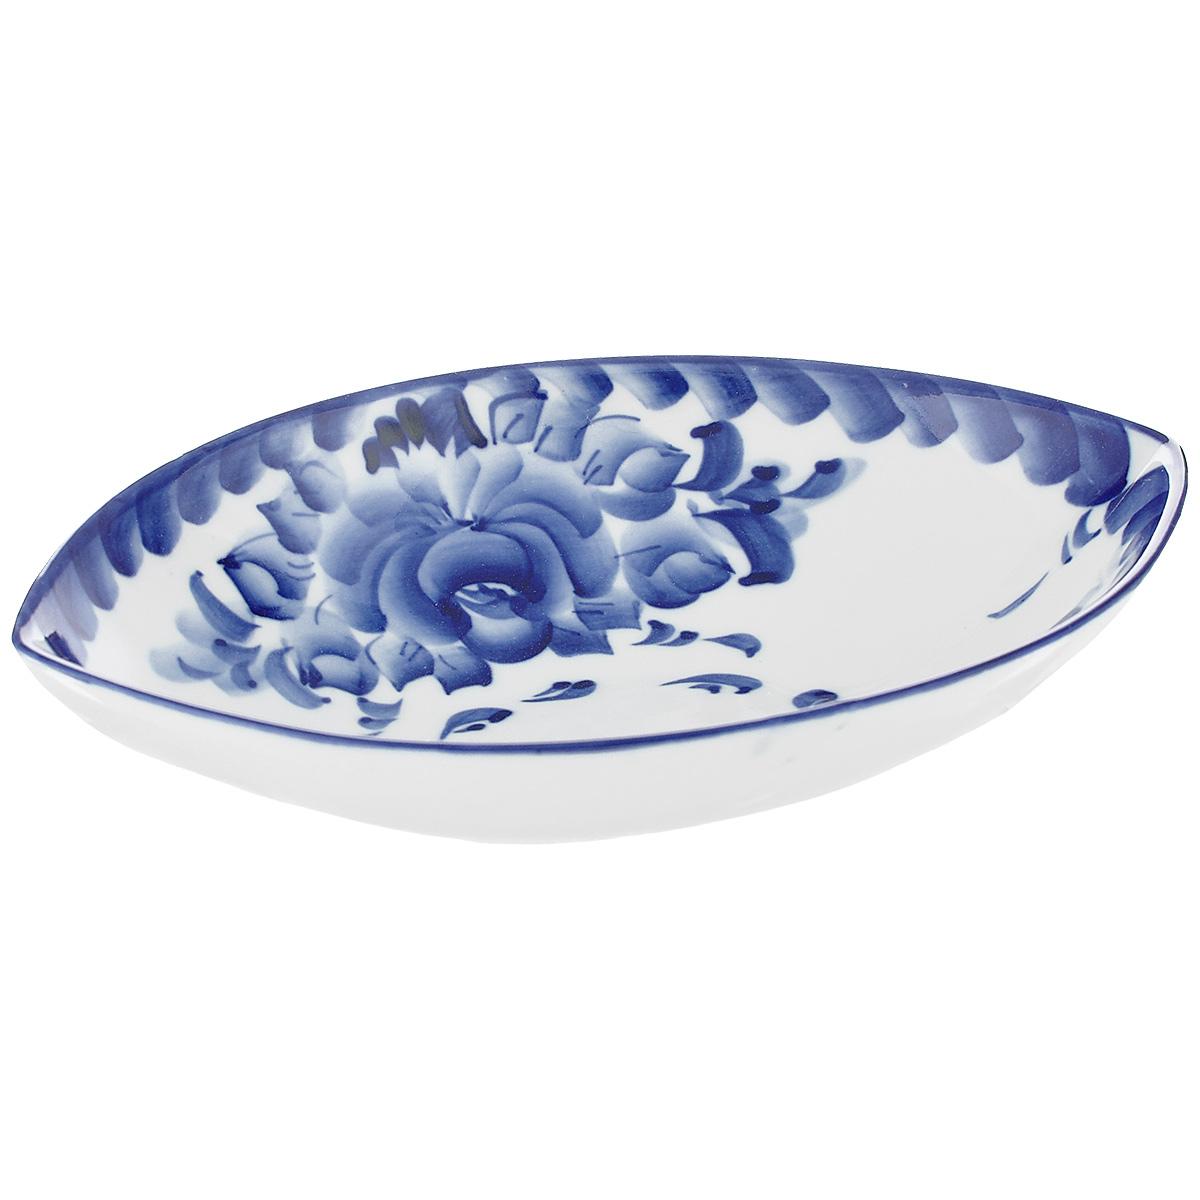 Салатник Лодочка, цвет: белый, синий, 20,5 см х 15 см х 4,5 см993041232Салатник выполнен из высококачественной керамики в виде лодочки и украшен гжельской росписью. Изделие доставит истинное удовольствие ценителям прекрасного. Яркий дизайн, несомненно придется вам по вкусу. Салатник Лодочка украсит ваш кухонный стол, а также станет замечательным подарком к любому празднику. Обращаем ваше внимание, что роспись на изделие сделана вручную. Рисунок может немного отличаться от изображения на фотографии. Размер салатника: 20,5 см х 15 см х 4,5 см.